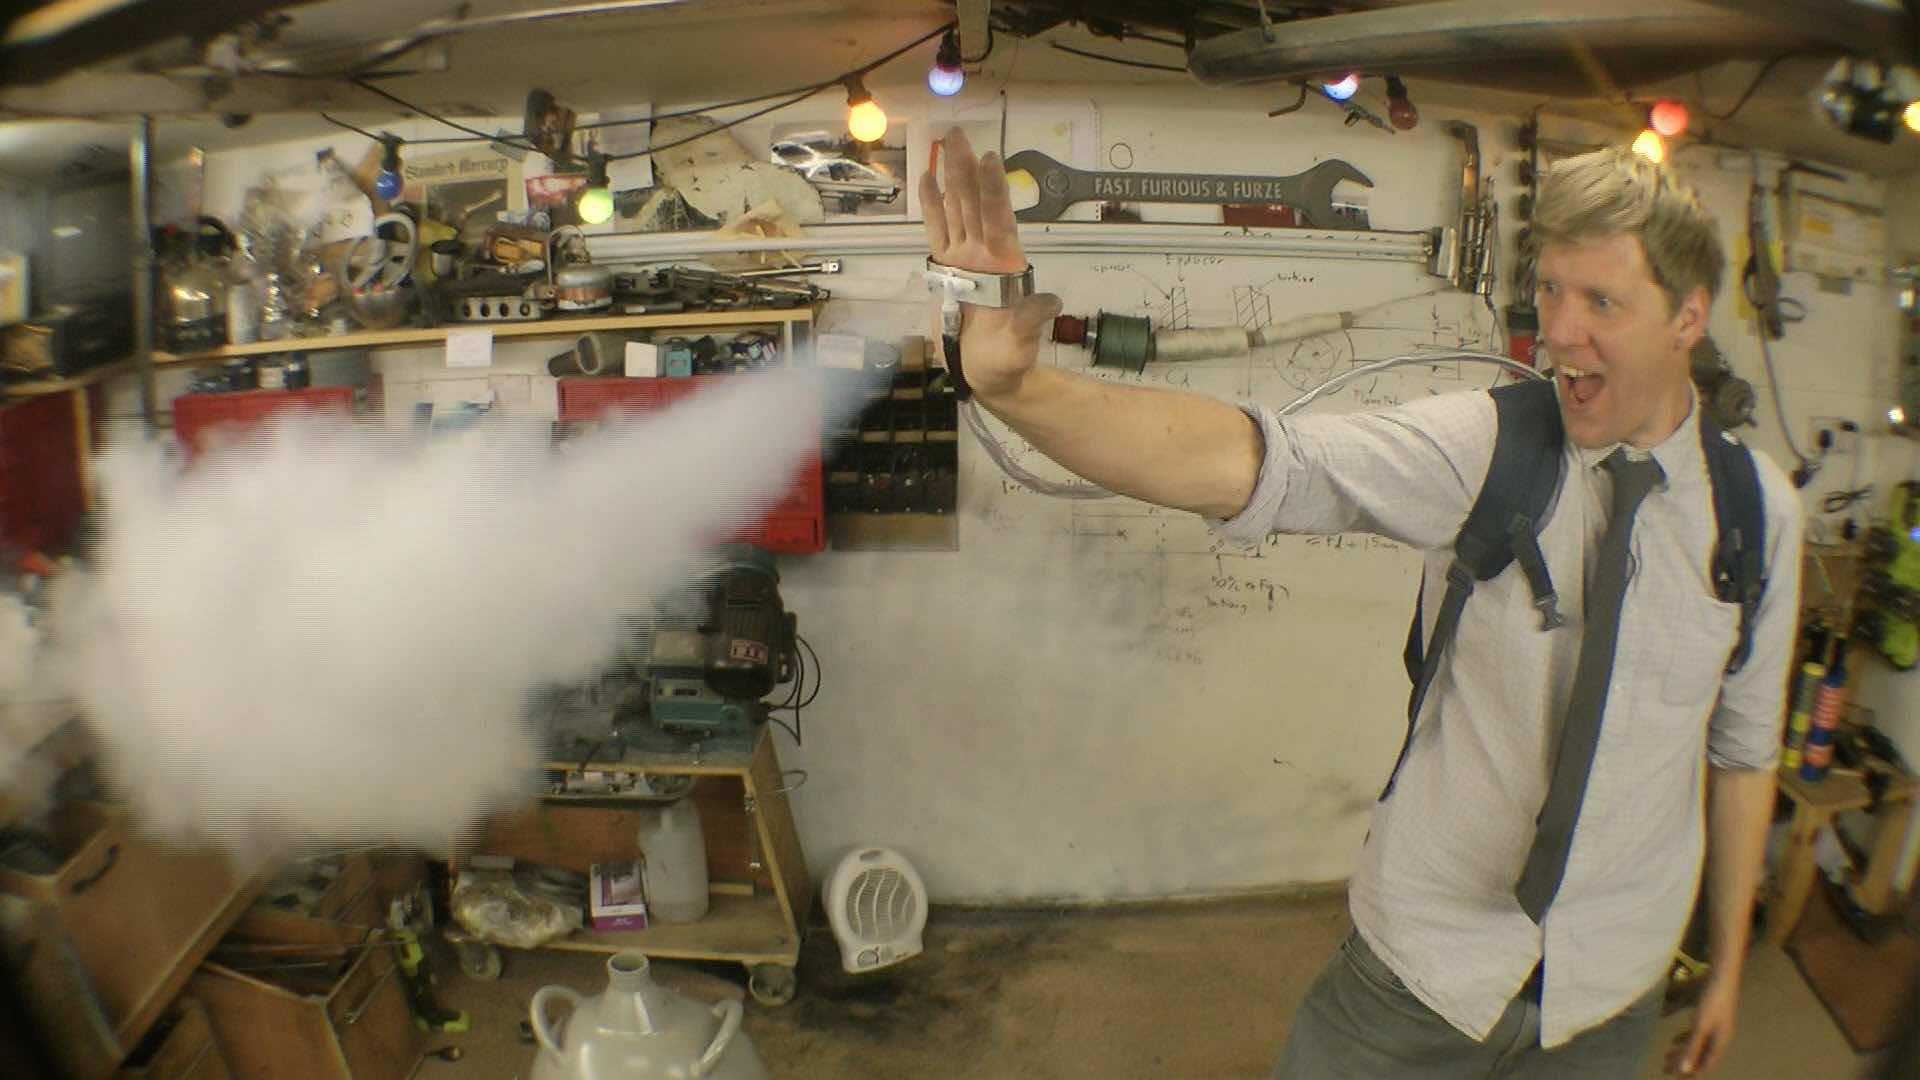 Colin Furze Ice man gun3